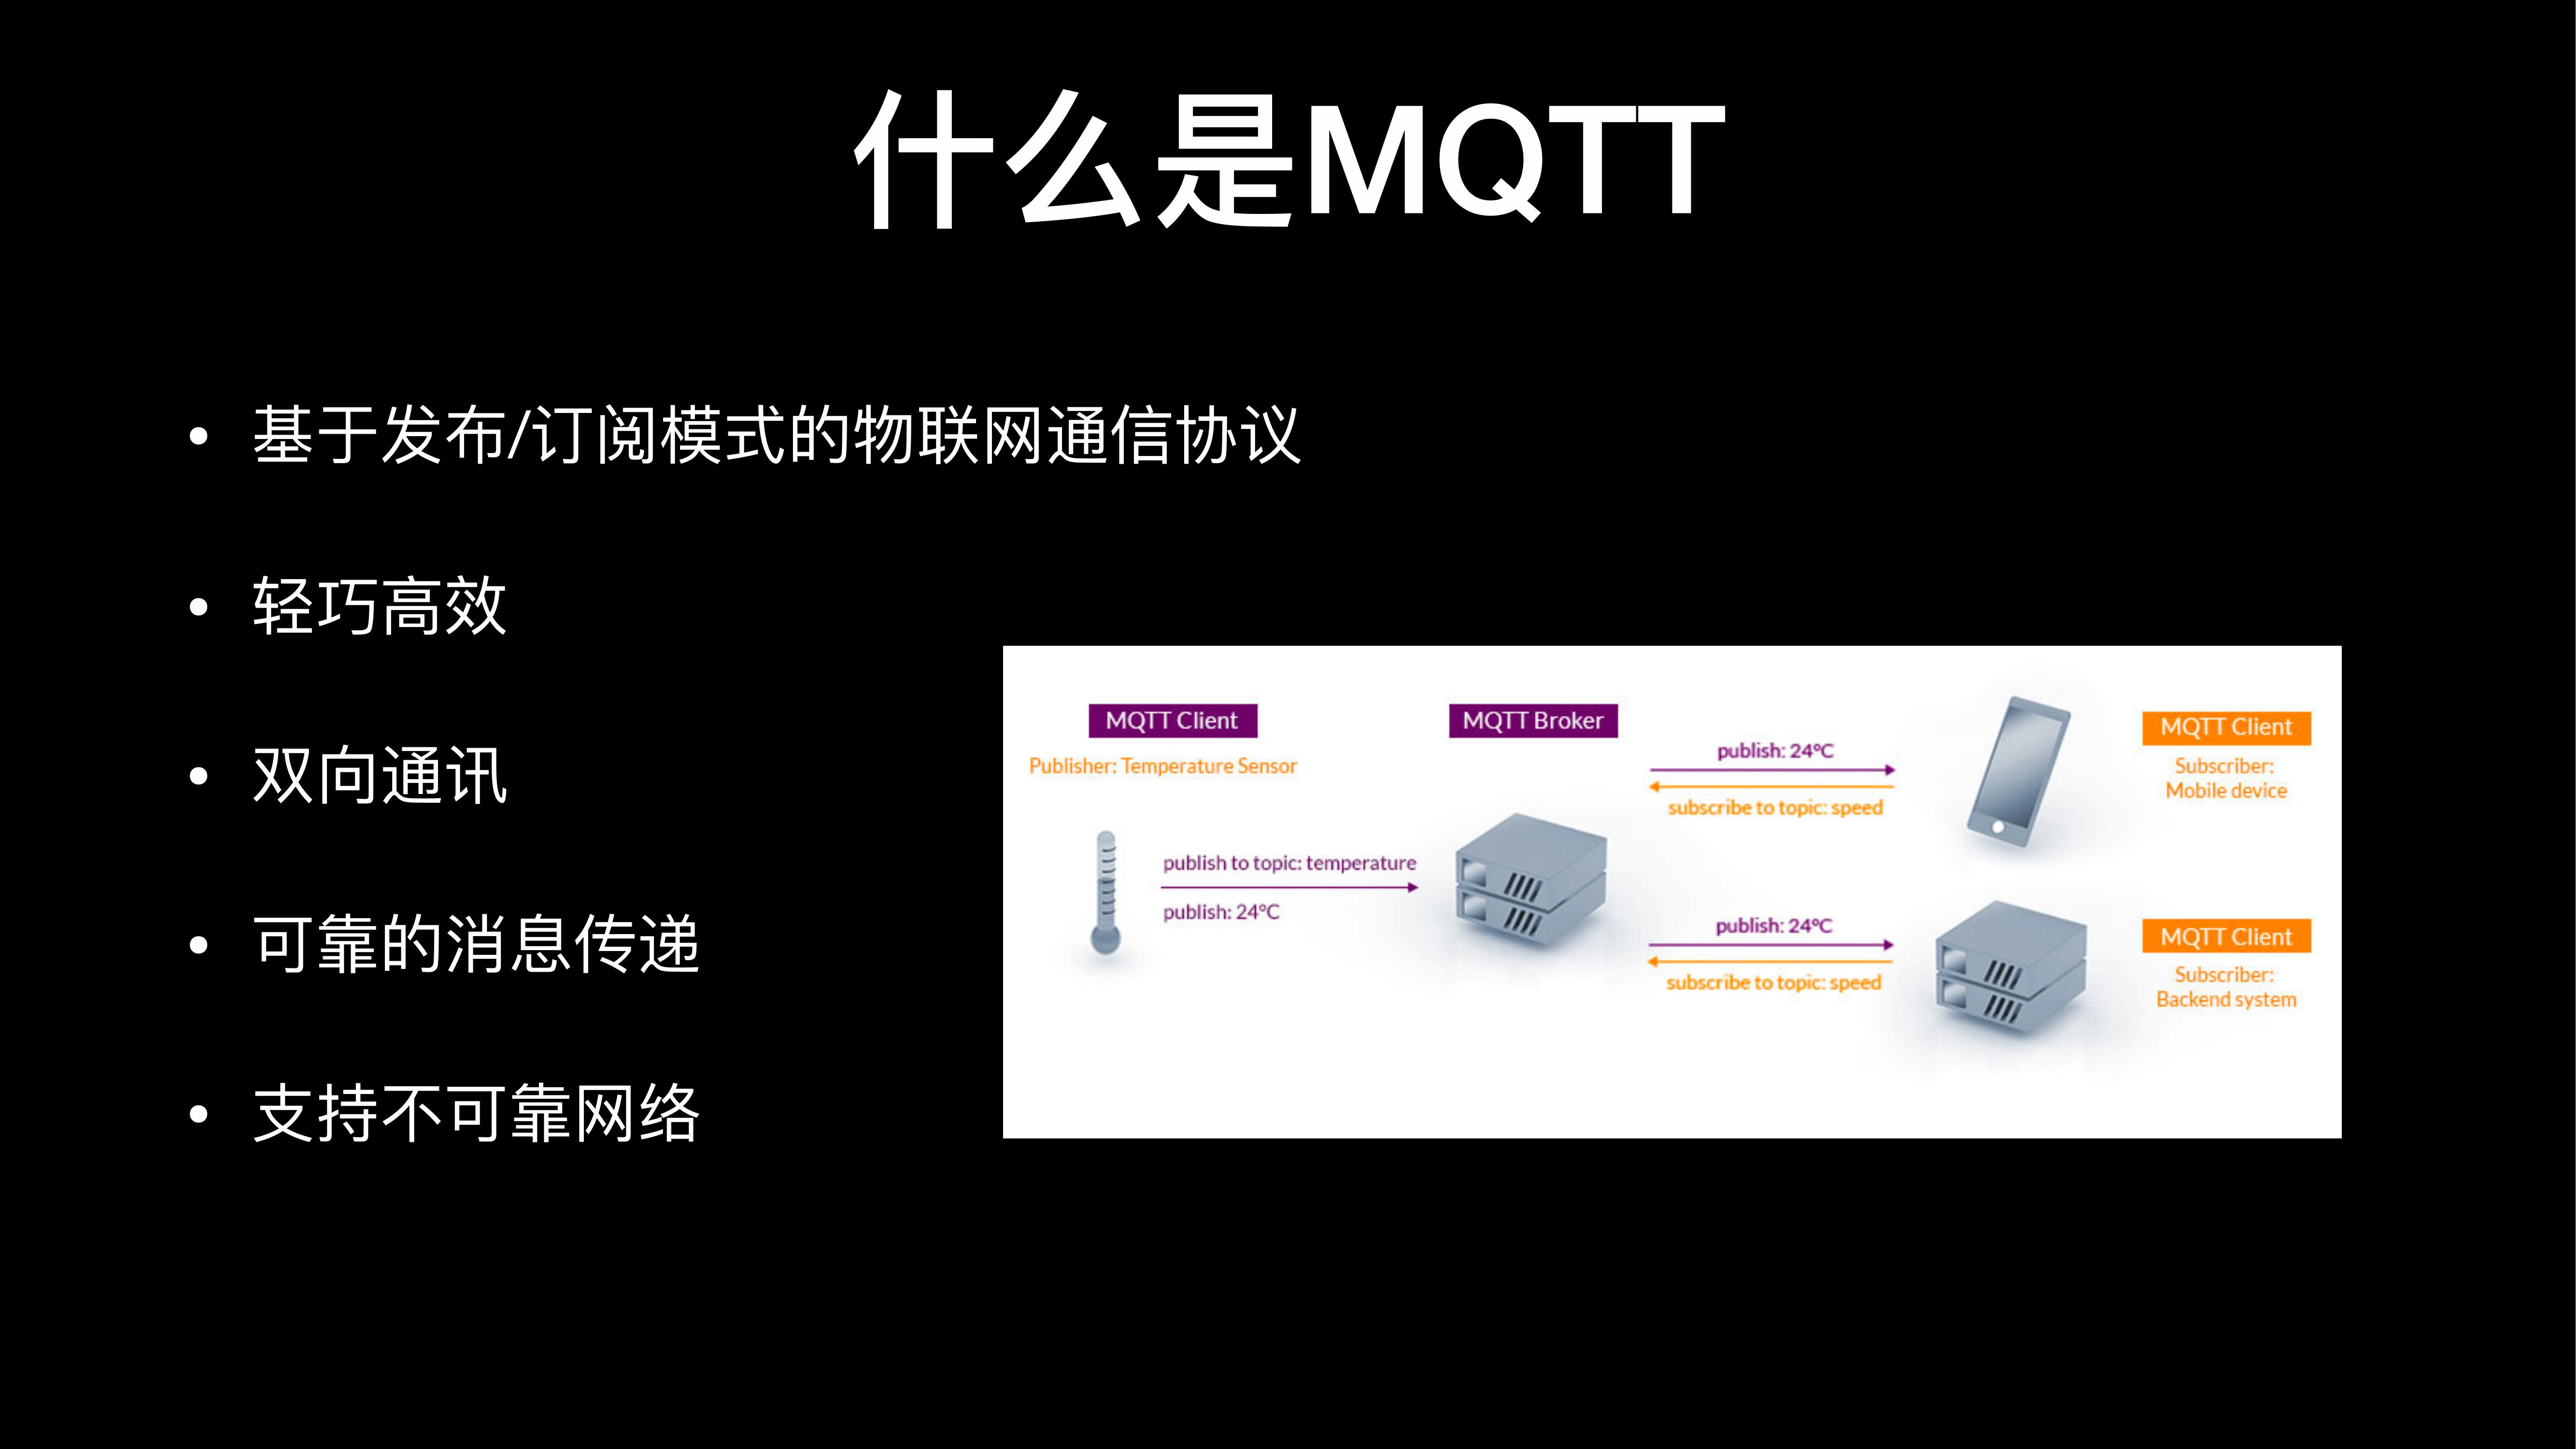 什么是 MQTT 协议